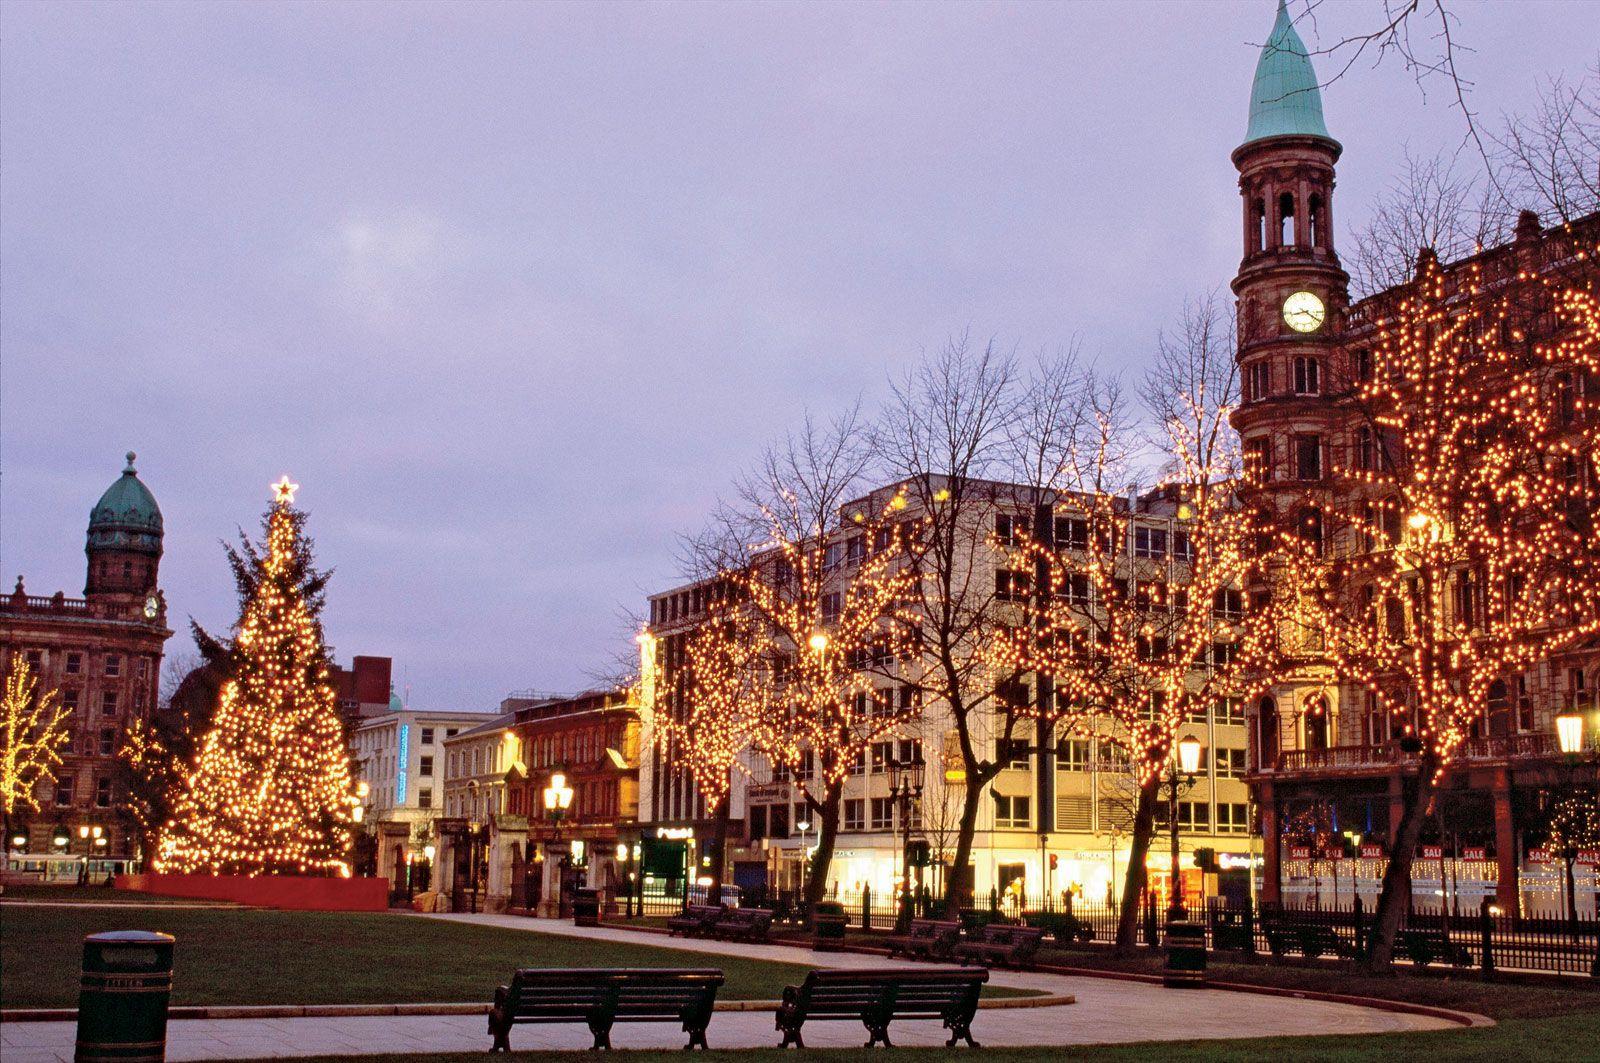 Αποτέλεσμα εικόνας για Christmas in Ireland